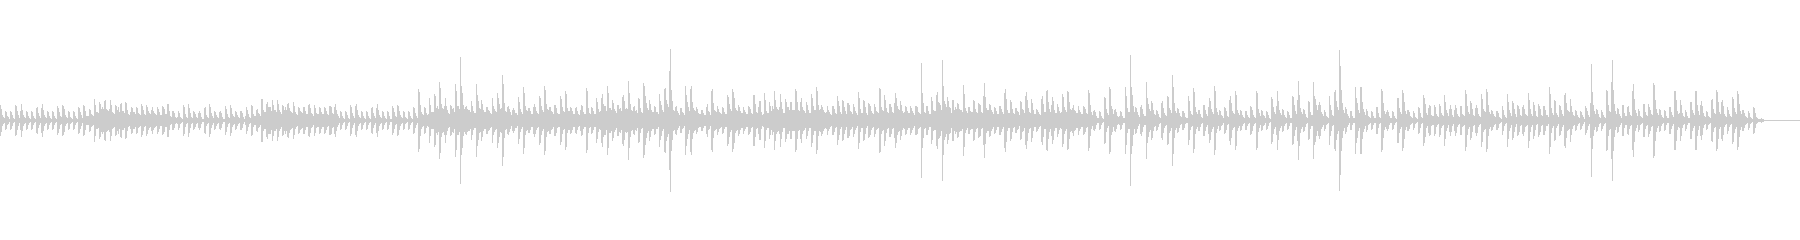 bpm128バージョンの未再生の波形